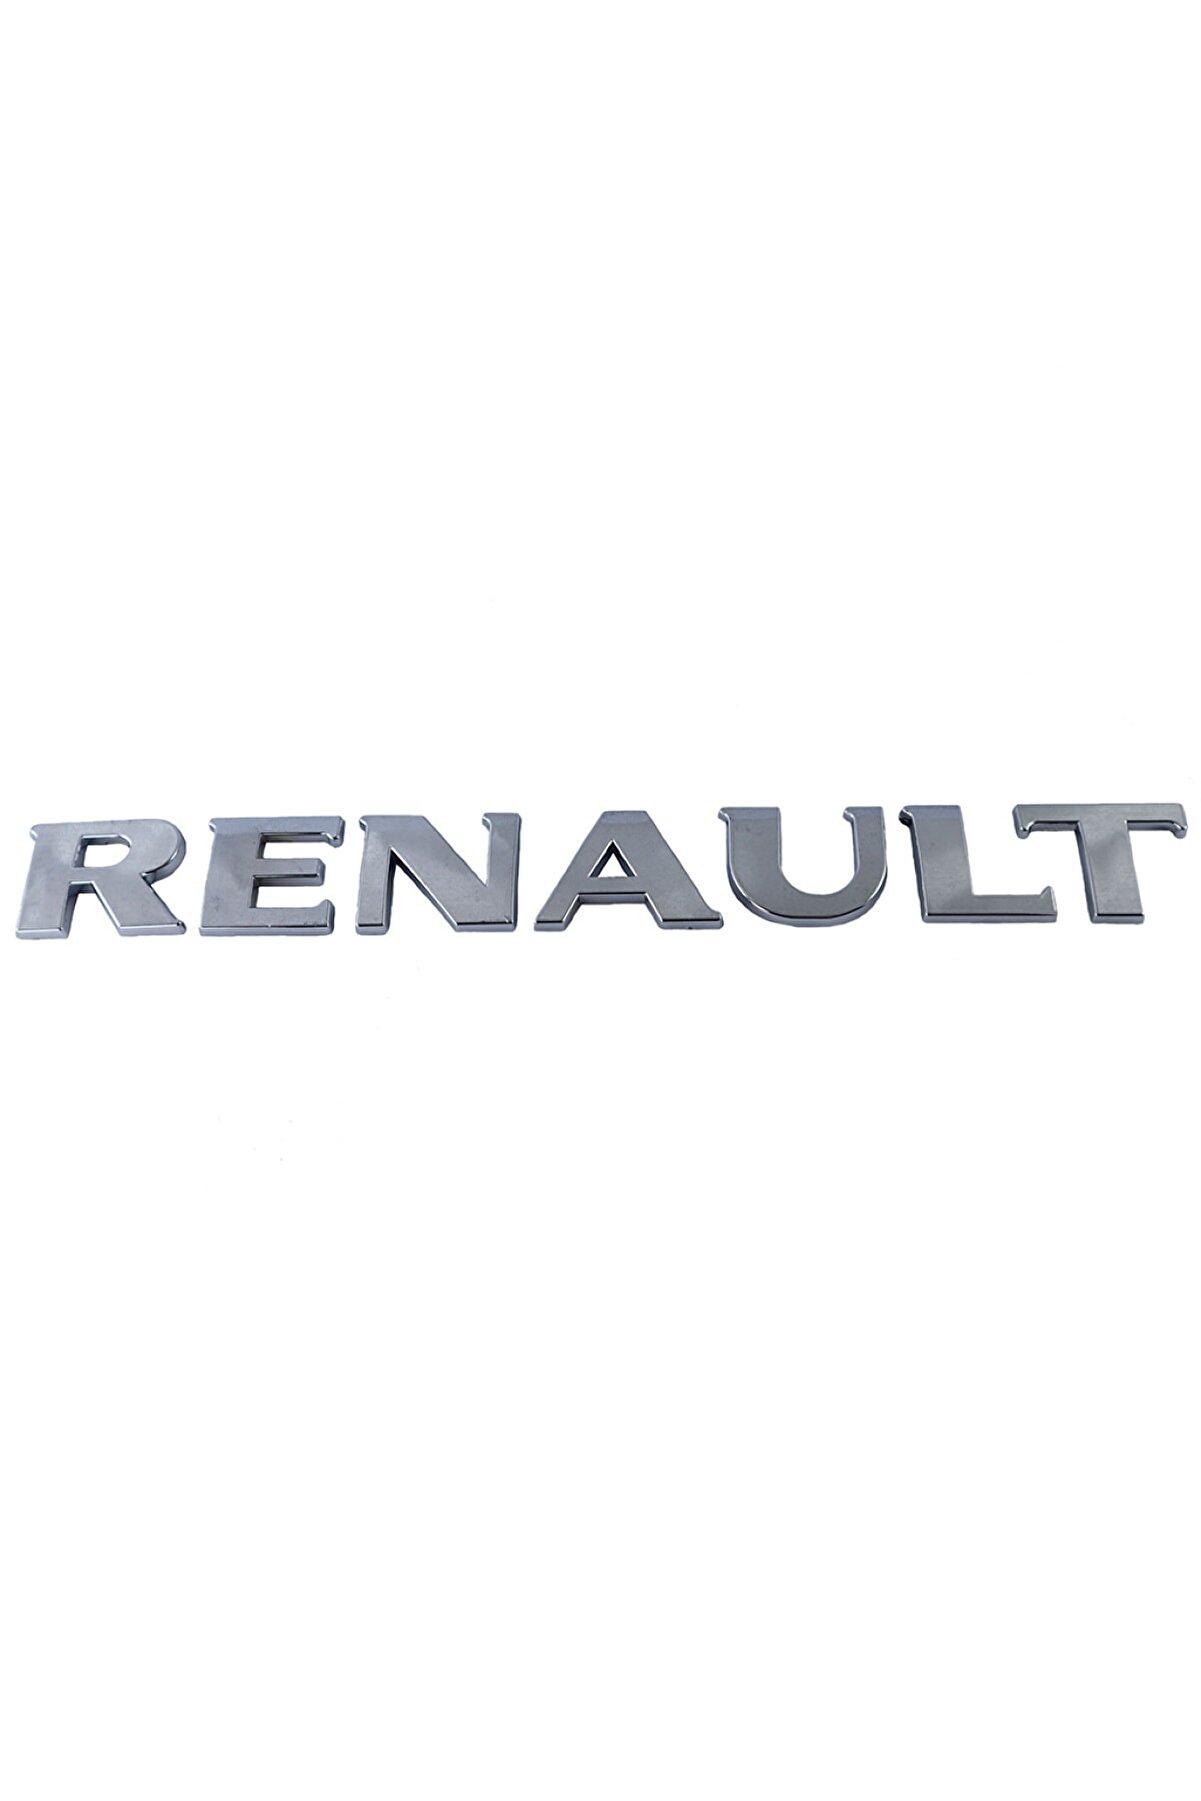 AutoAll Renault Yazu Megane 2 Clıo 3 Renault Yazısı